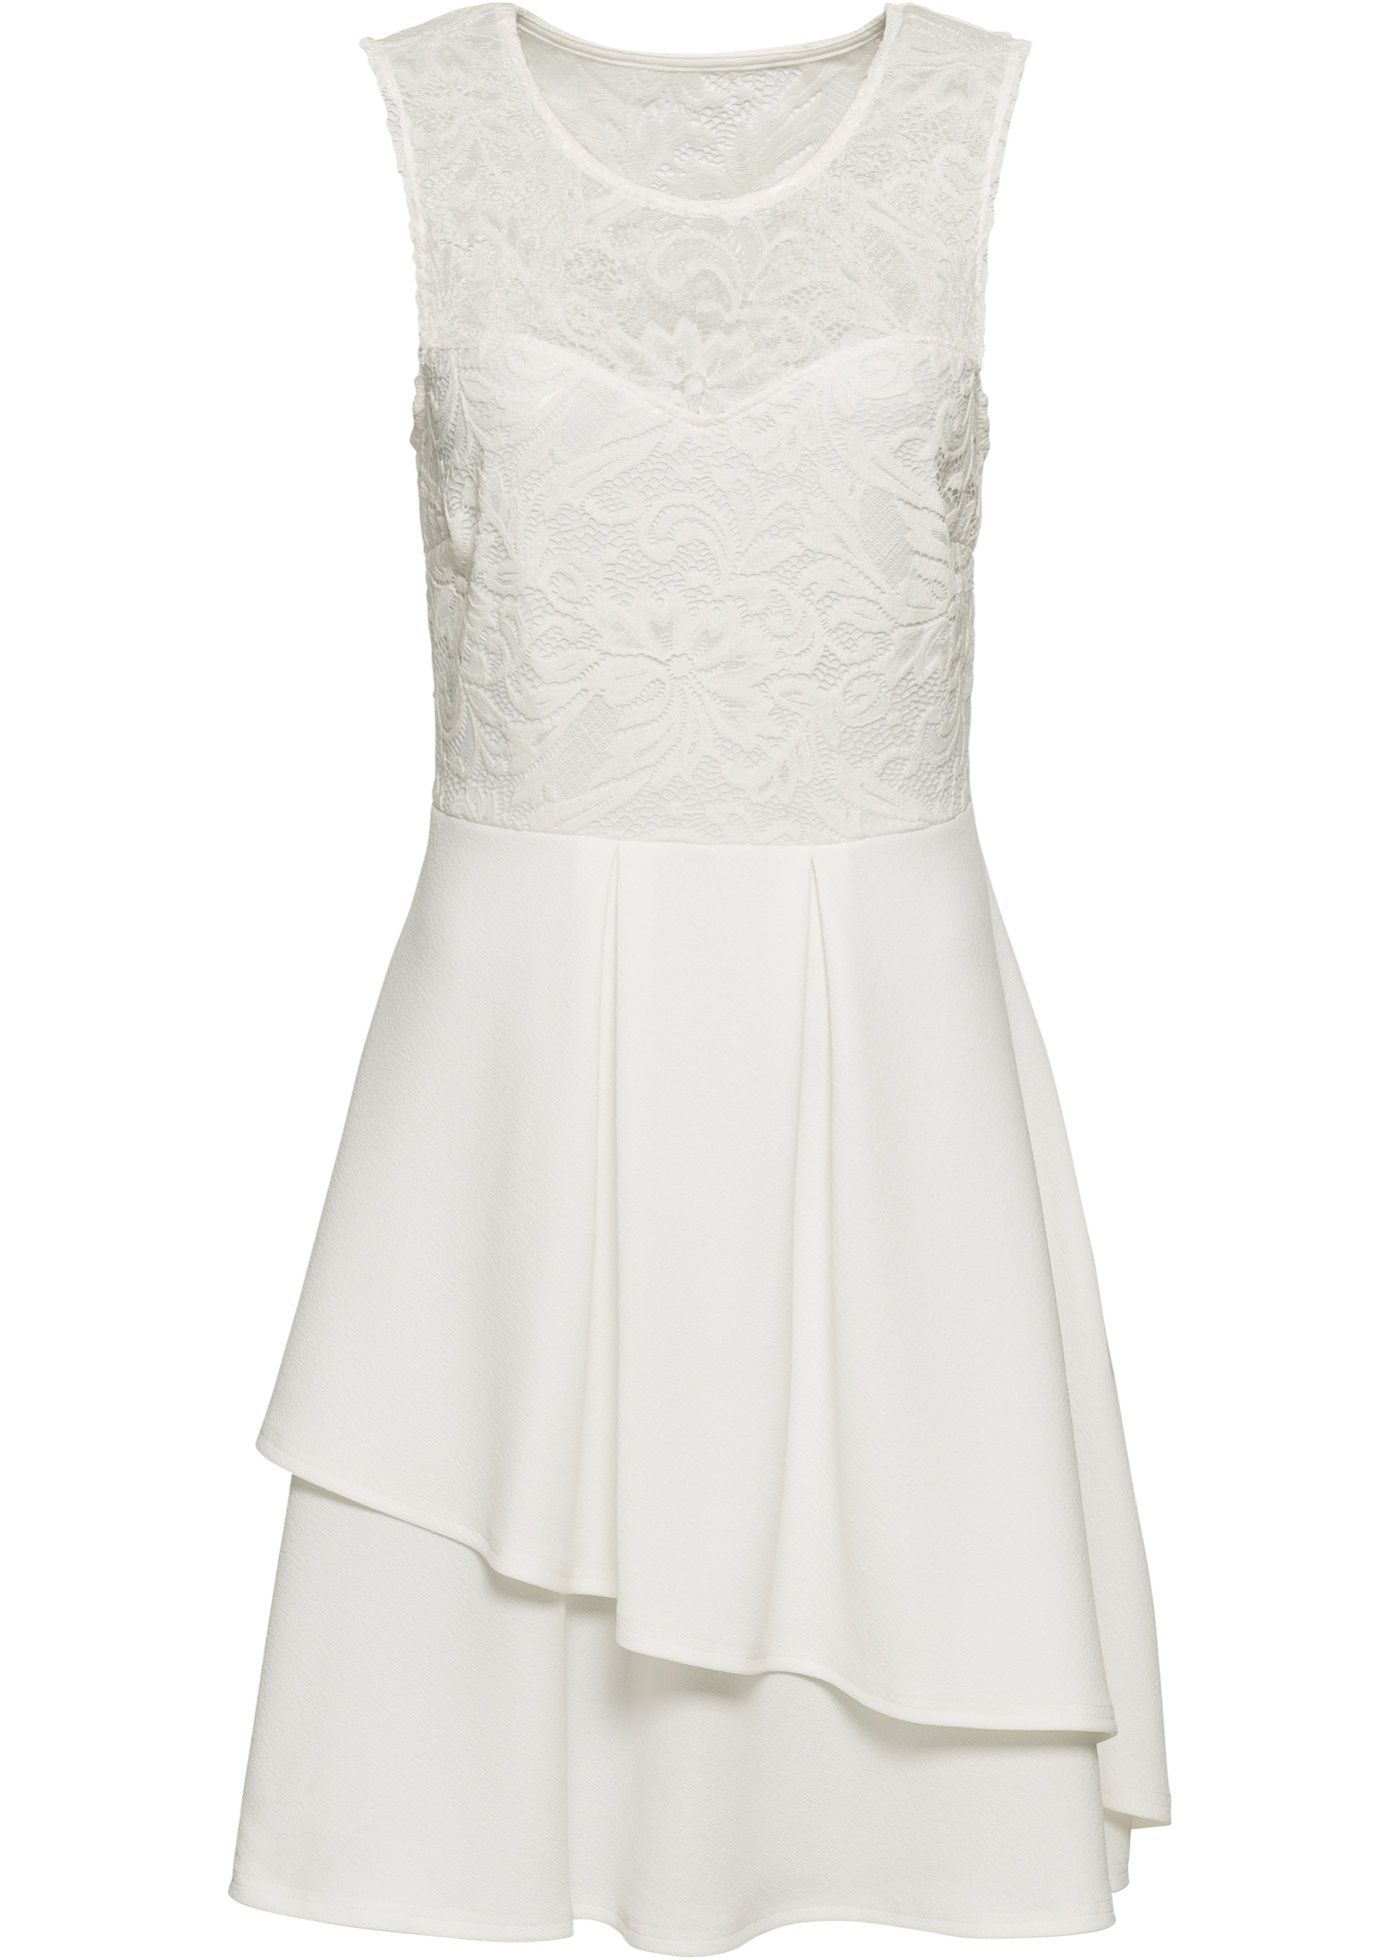 Shirtkleid mit Spitze  Kleid spitze, Spitzenkleider und Weißes kleid